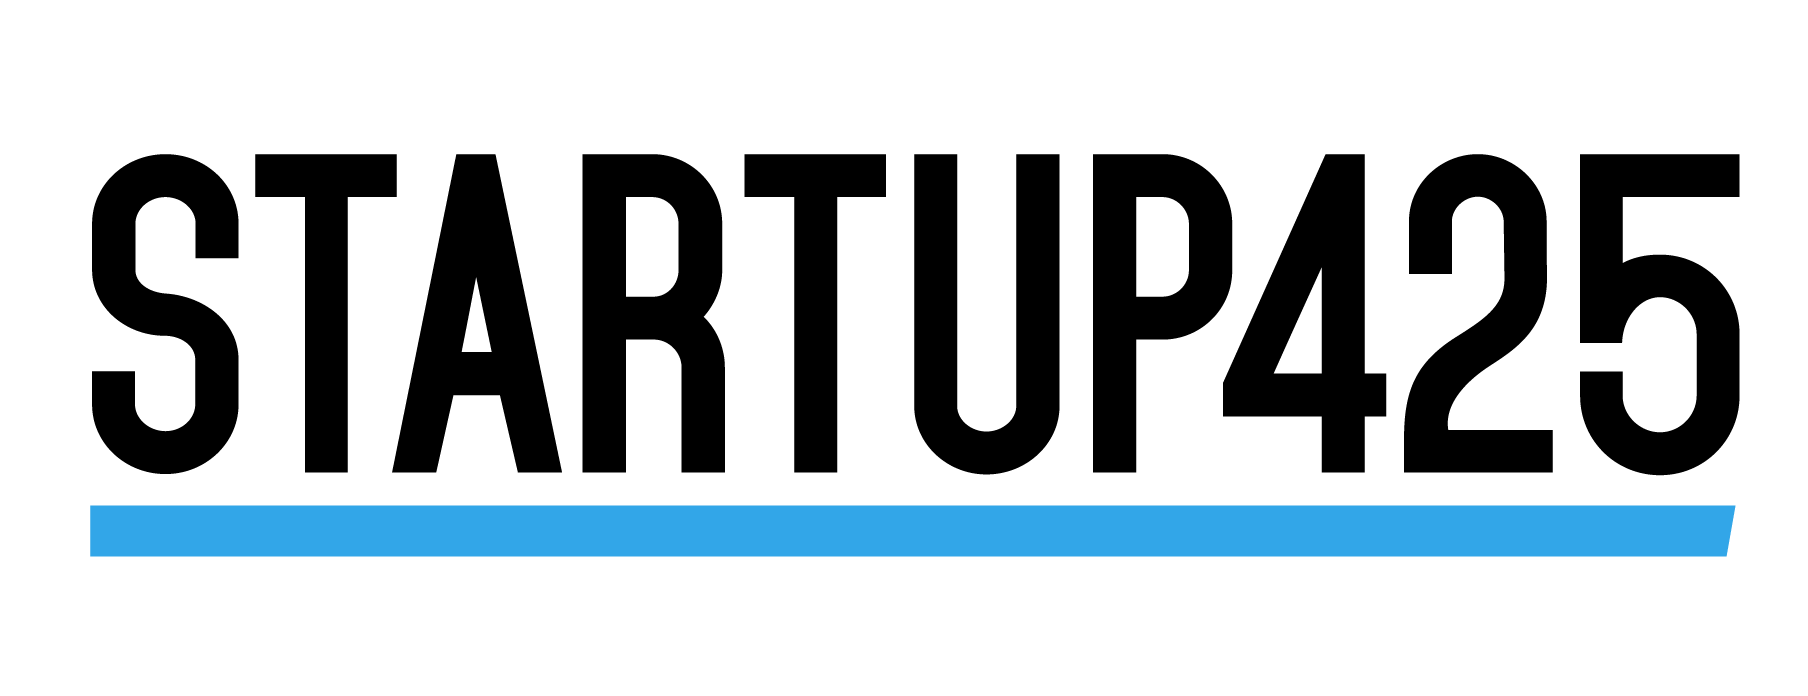 Startup 425 logo